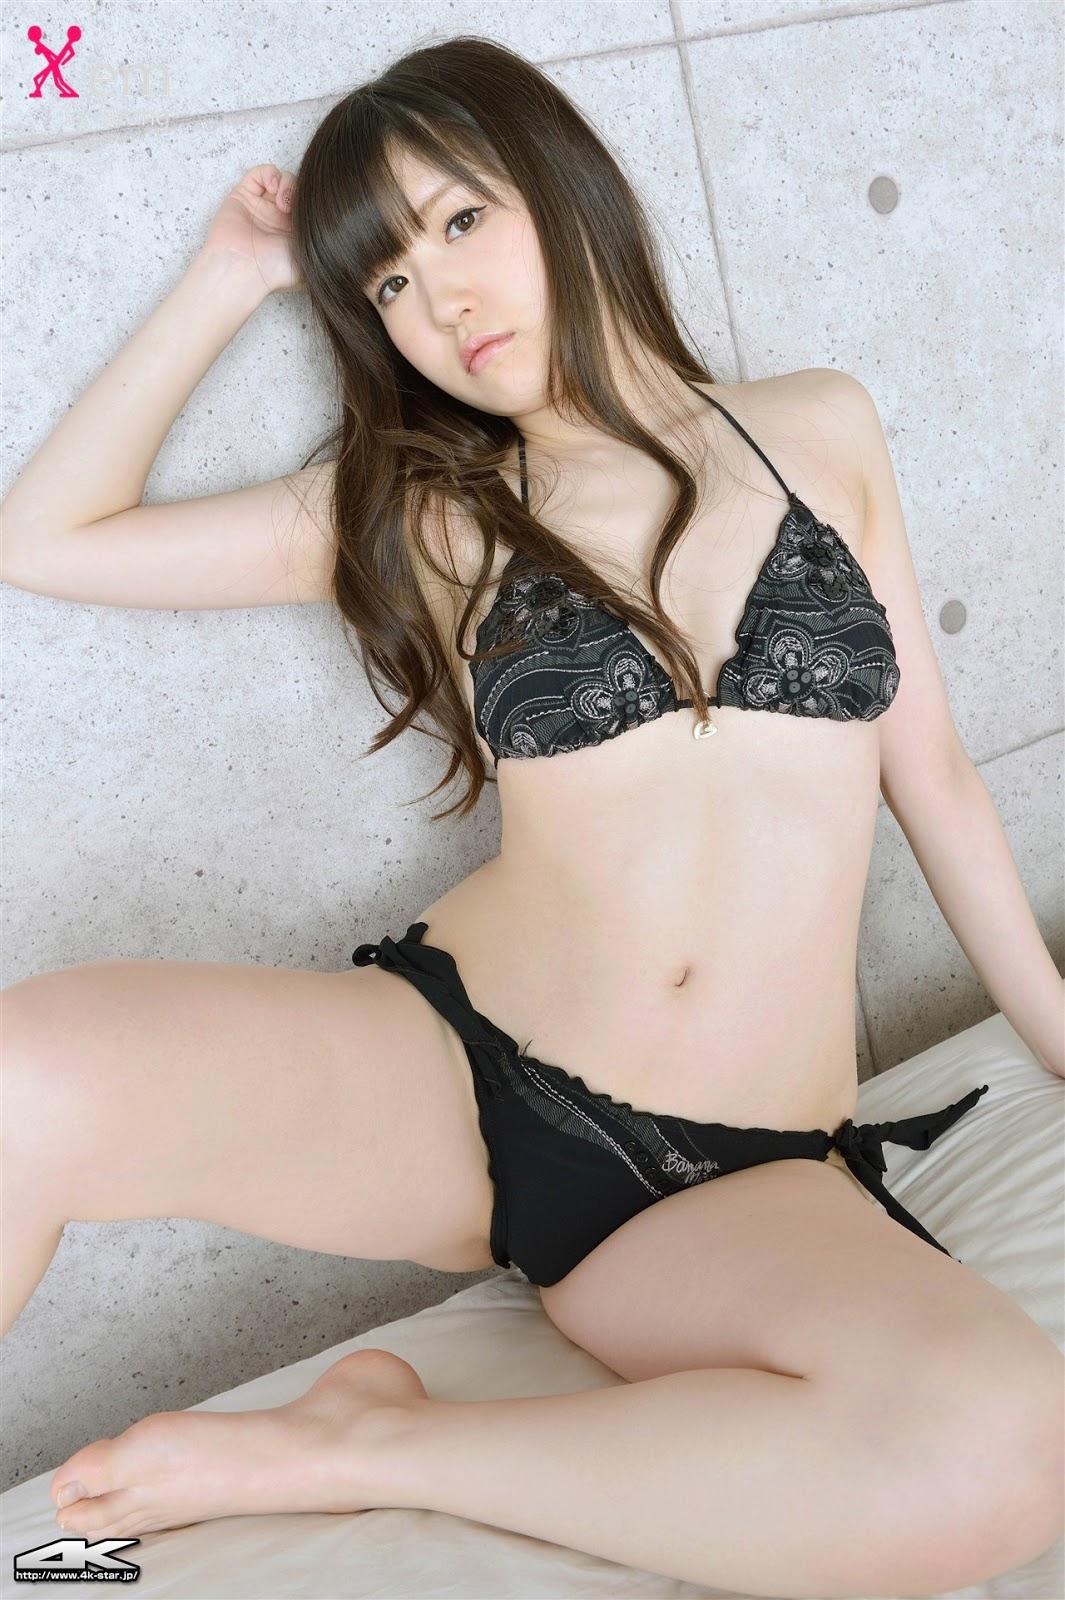 ảnh nóng hot girl – bikini – gái xinh – người đẹp - Xem là sướng